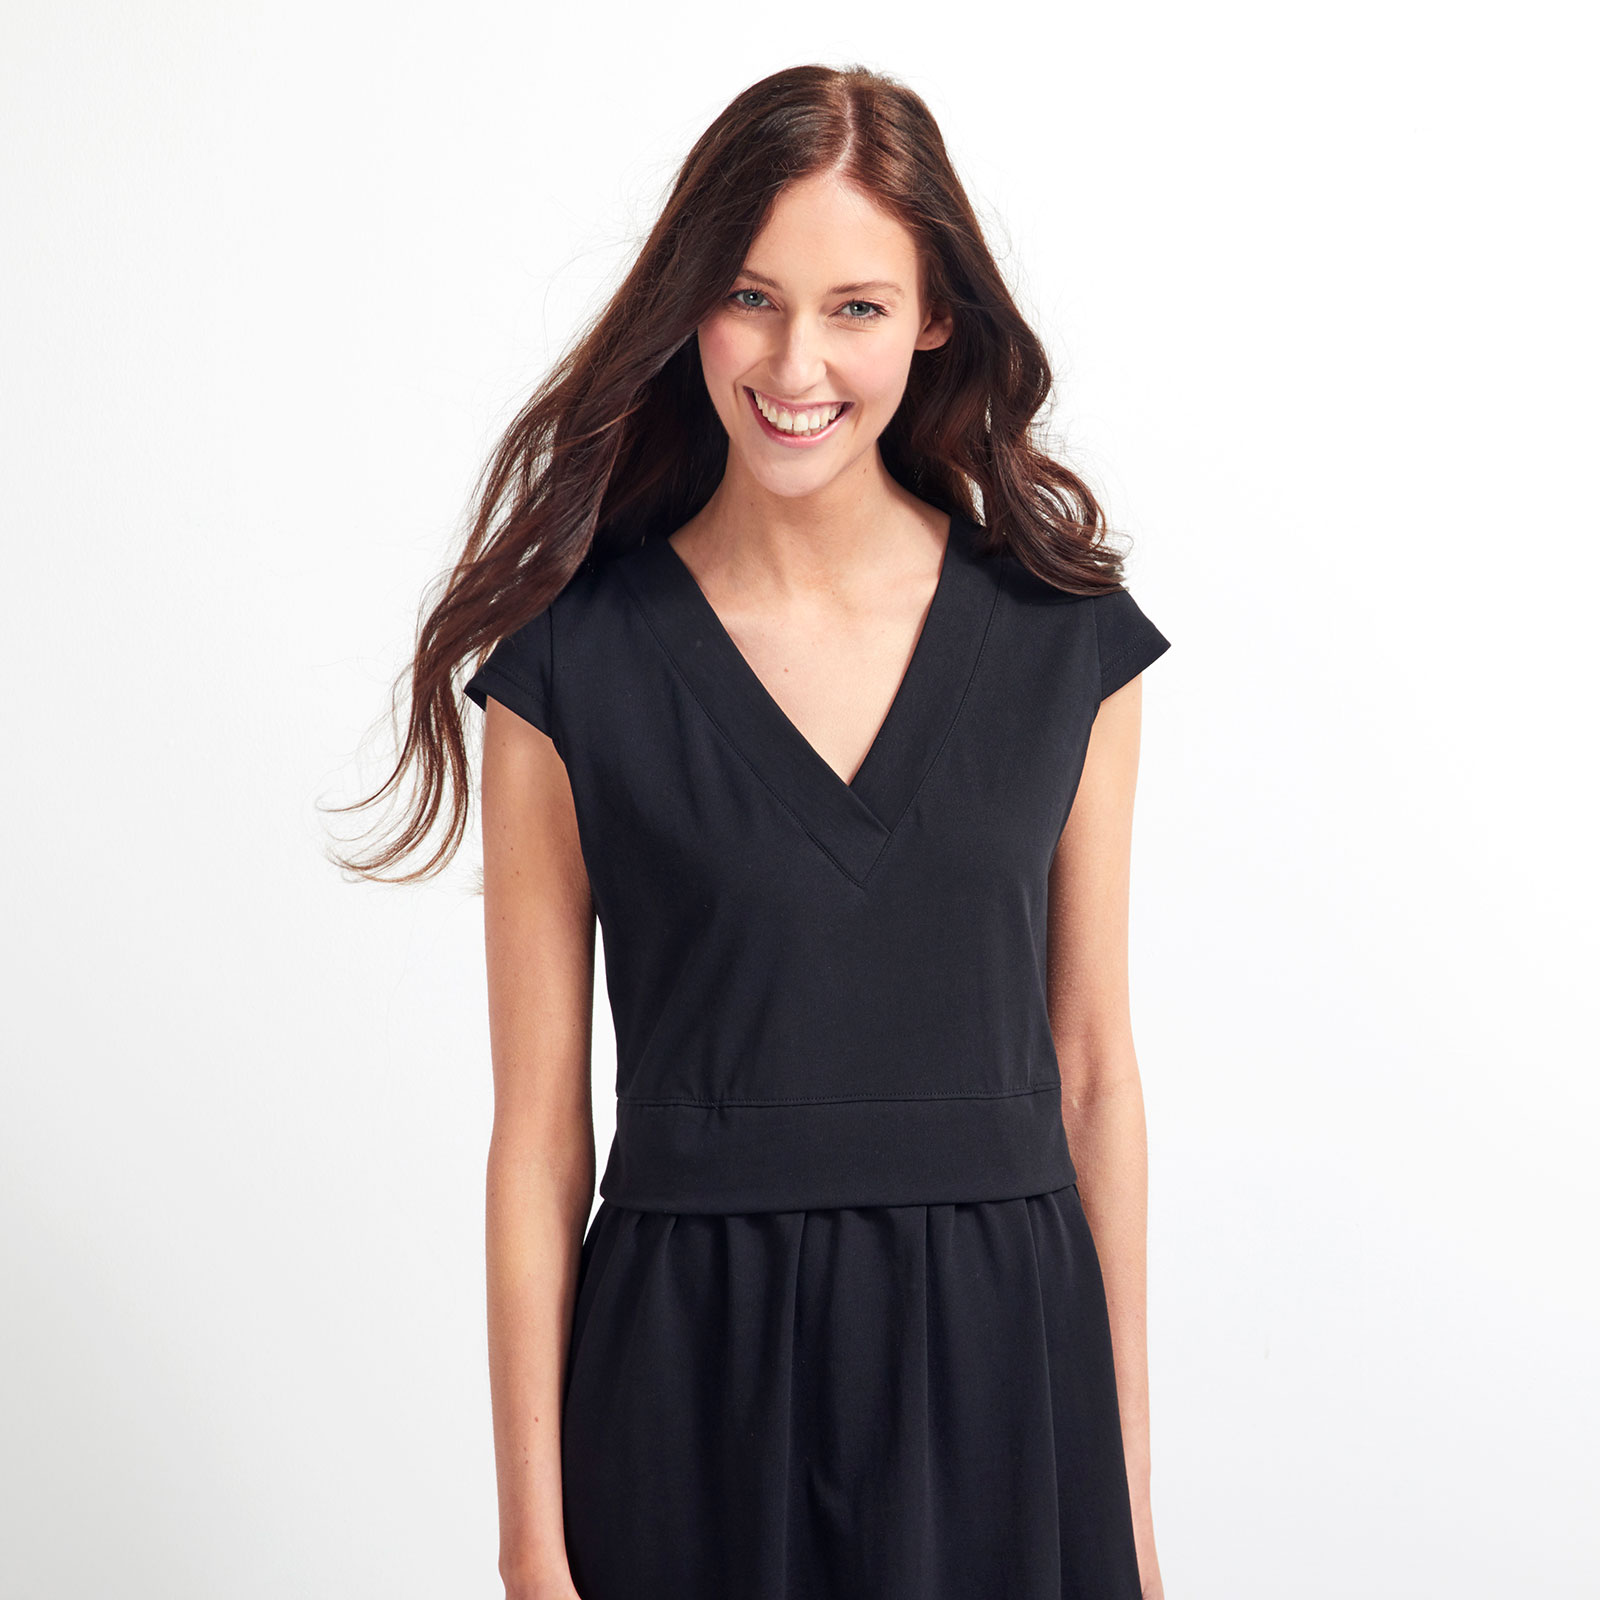 Uhana Designin mekko Sanna Marinin päällä Voguessa lisäsi kiinnostusta – ulkomaisten kävijöiden määrä verkkokaupassa tuplaantui